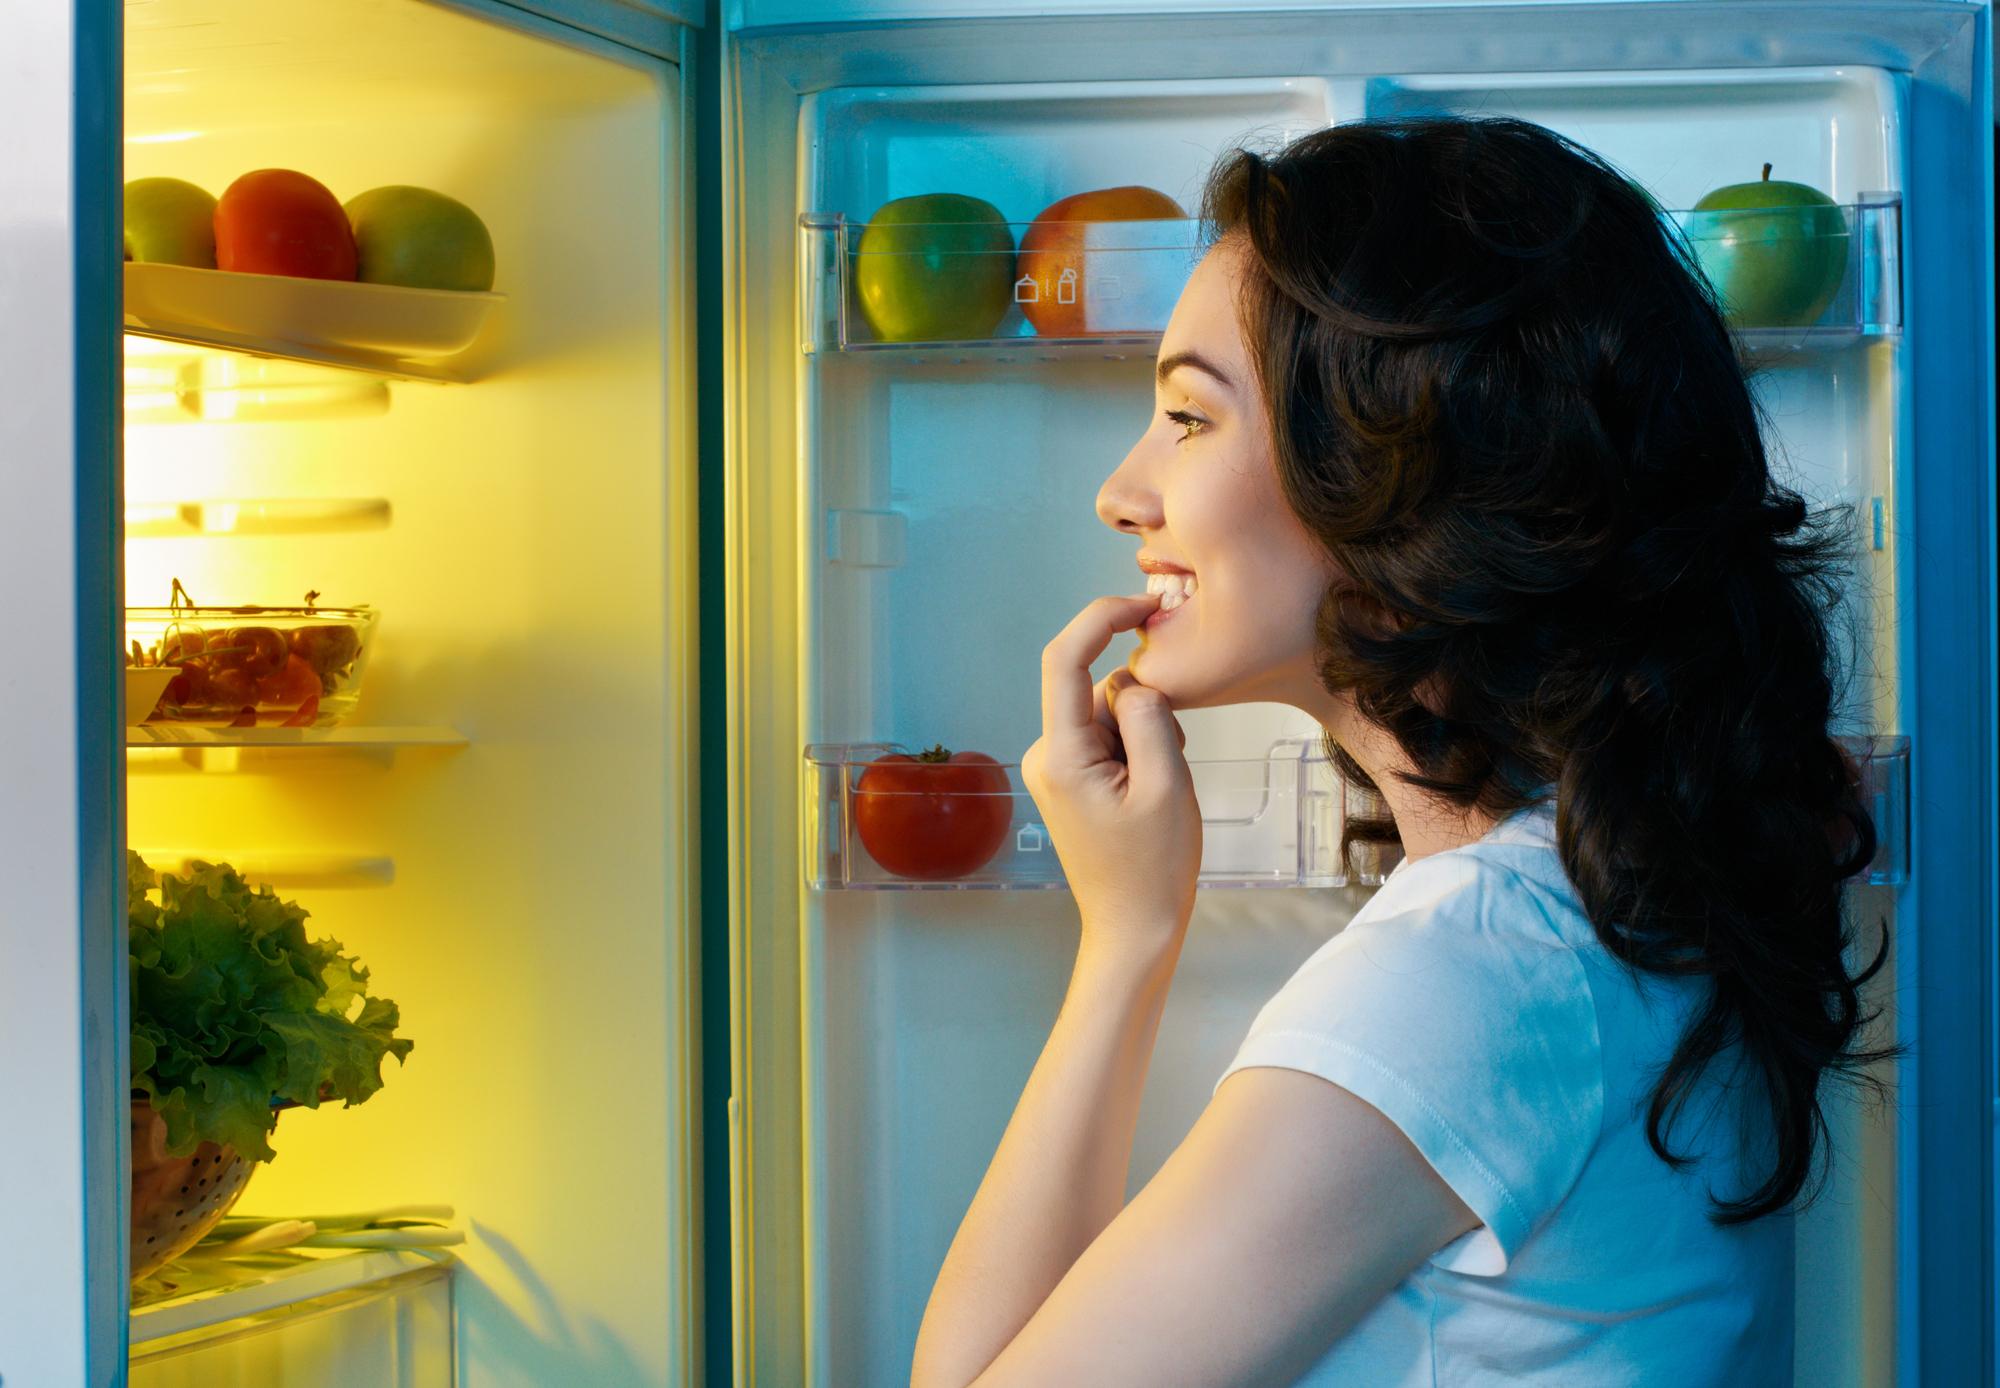 Работа ночью и здоровый образ жизни: можно ли совмещать?